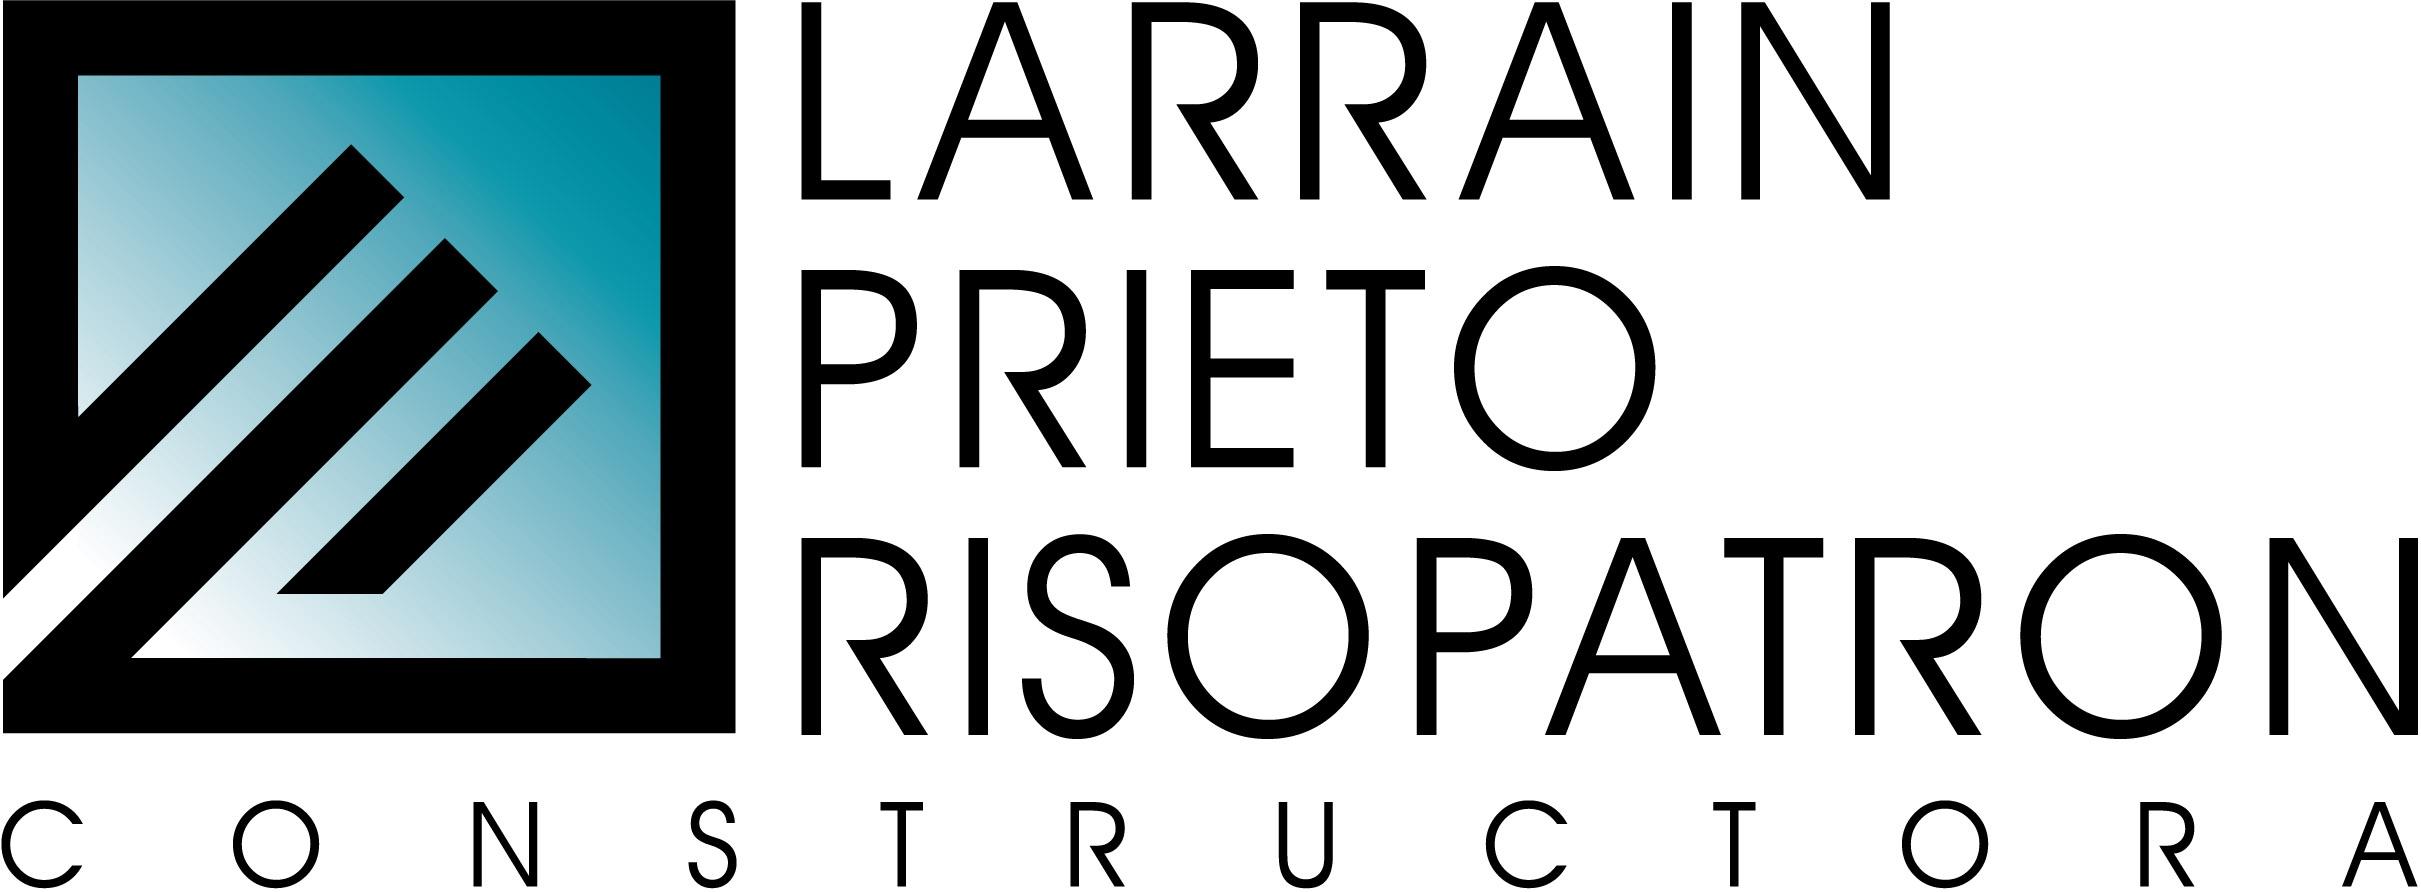 Larrain Prieto Risopatron